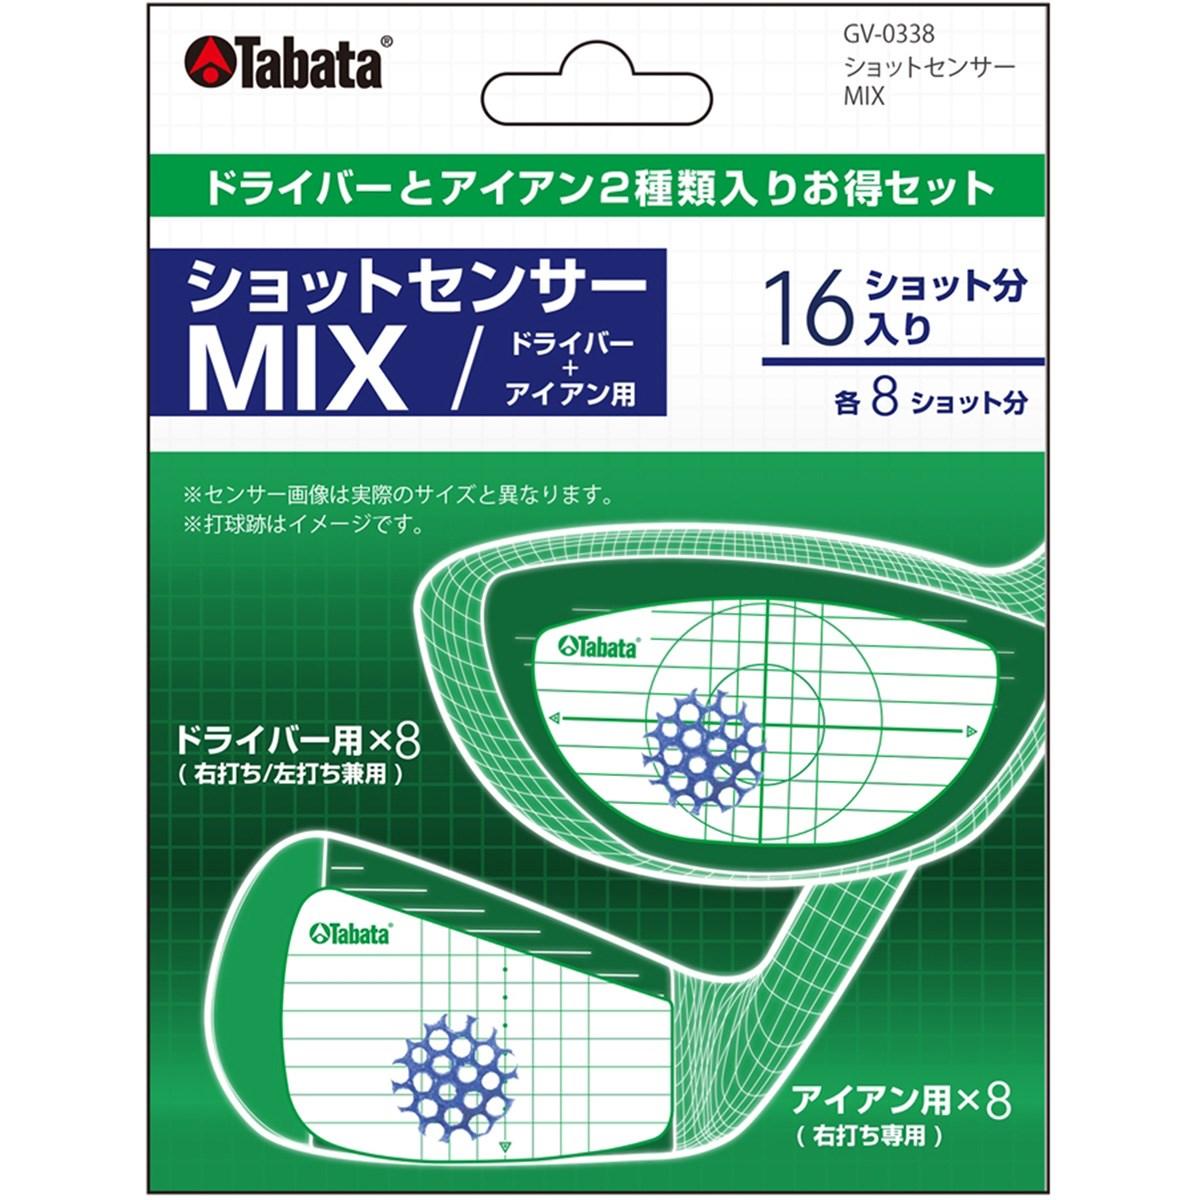 タバタ Tabata ショットセンサーMIX ホワイト